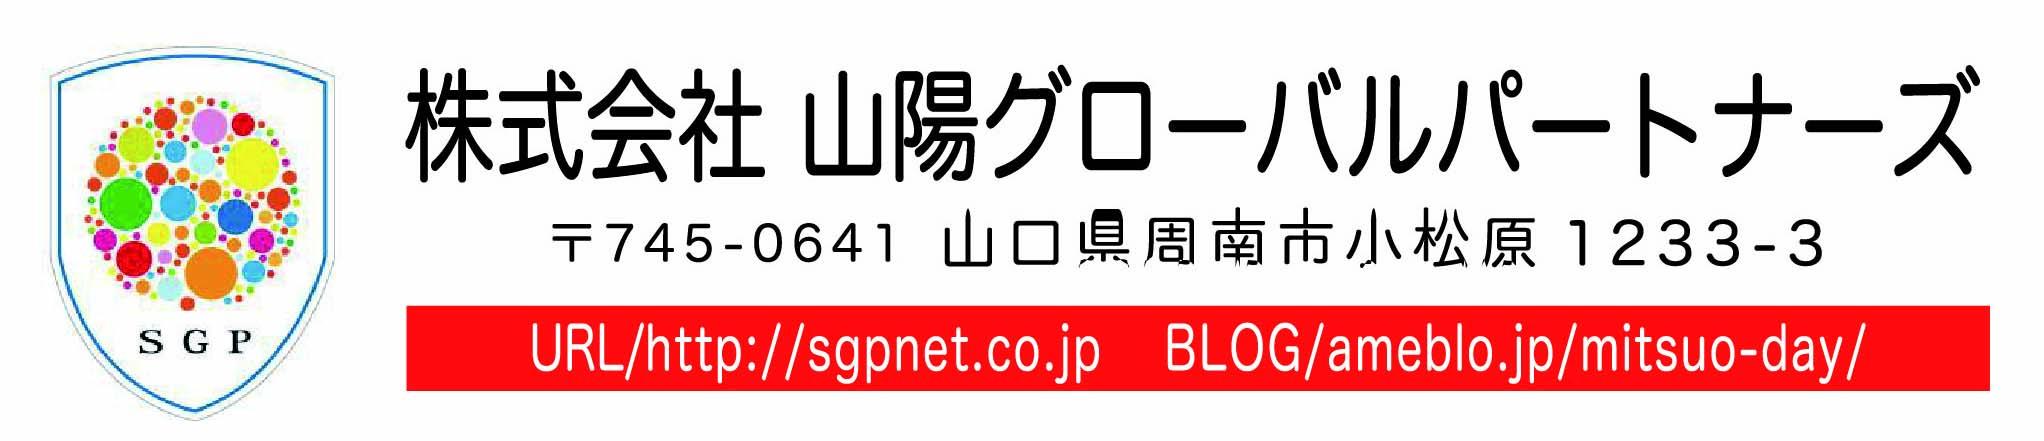 株式会社 山陽グローバルパートナーズ